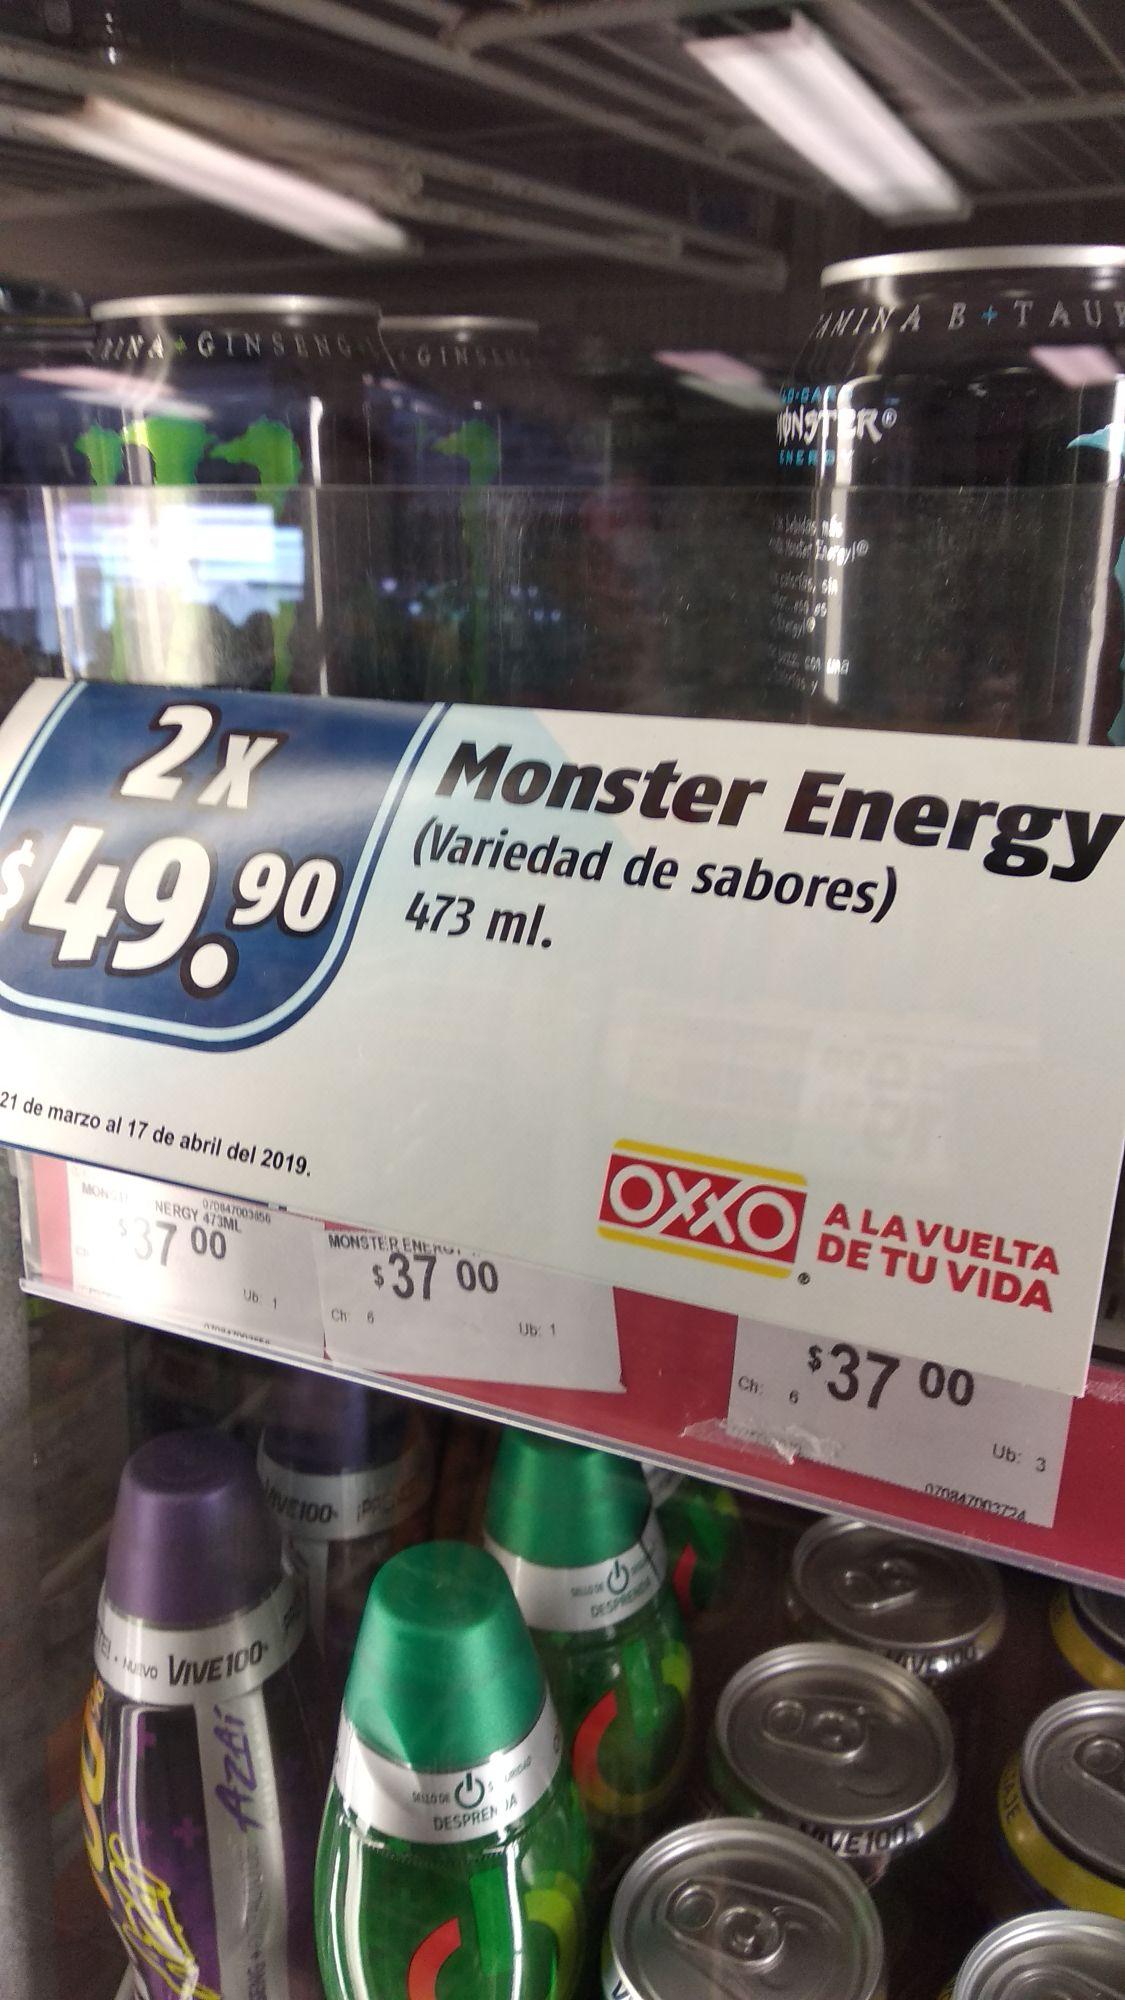 Oxxo: 2 MONSTER POR $50